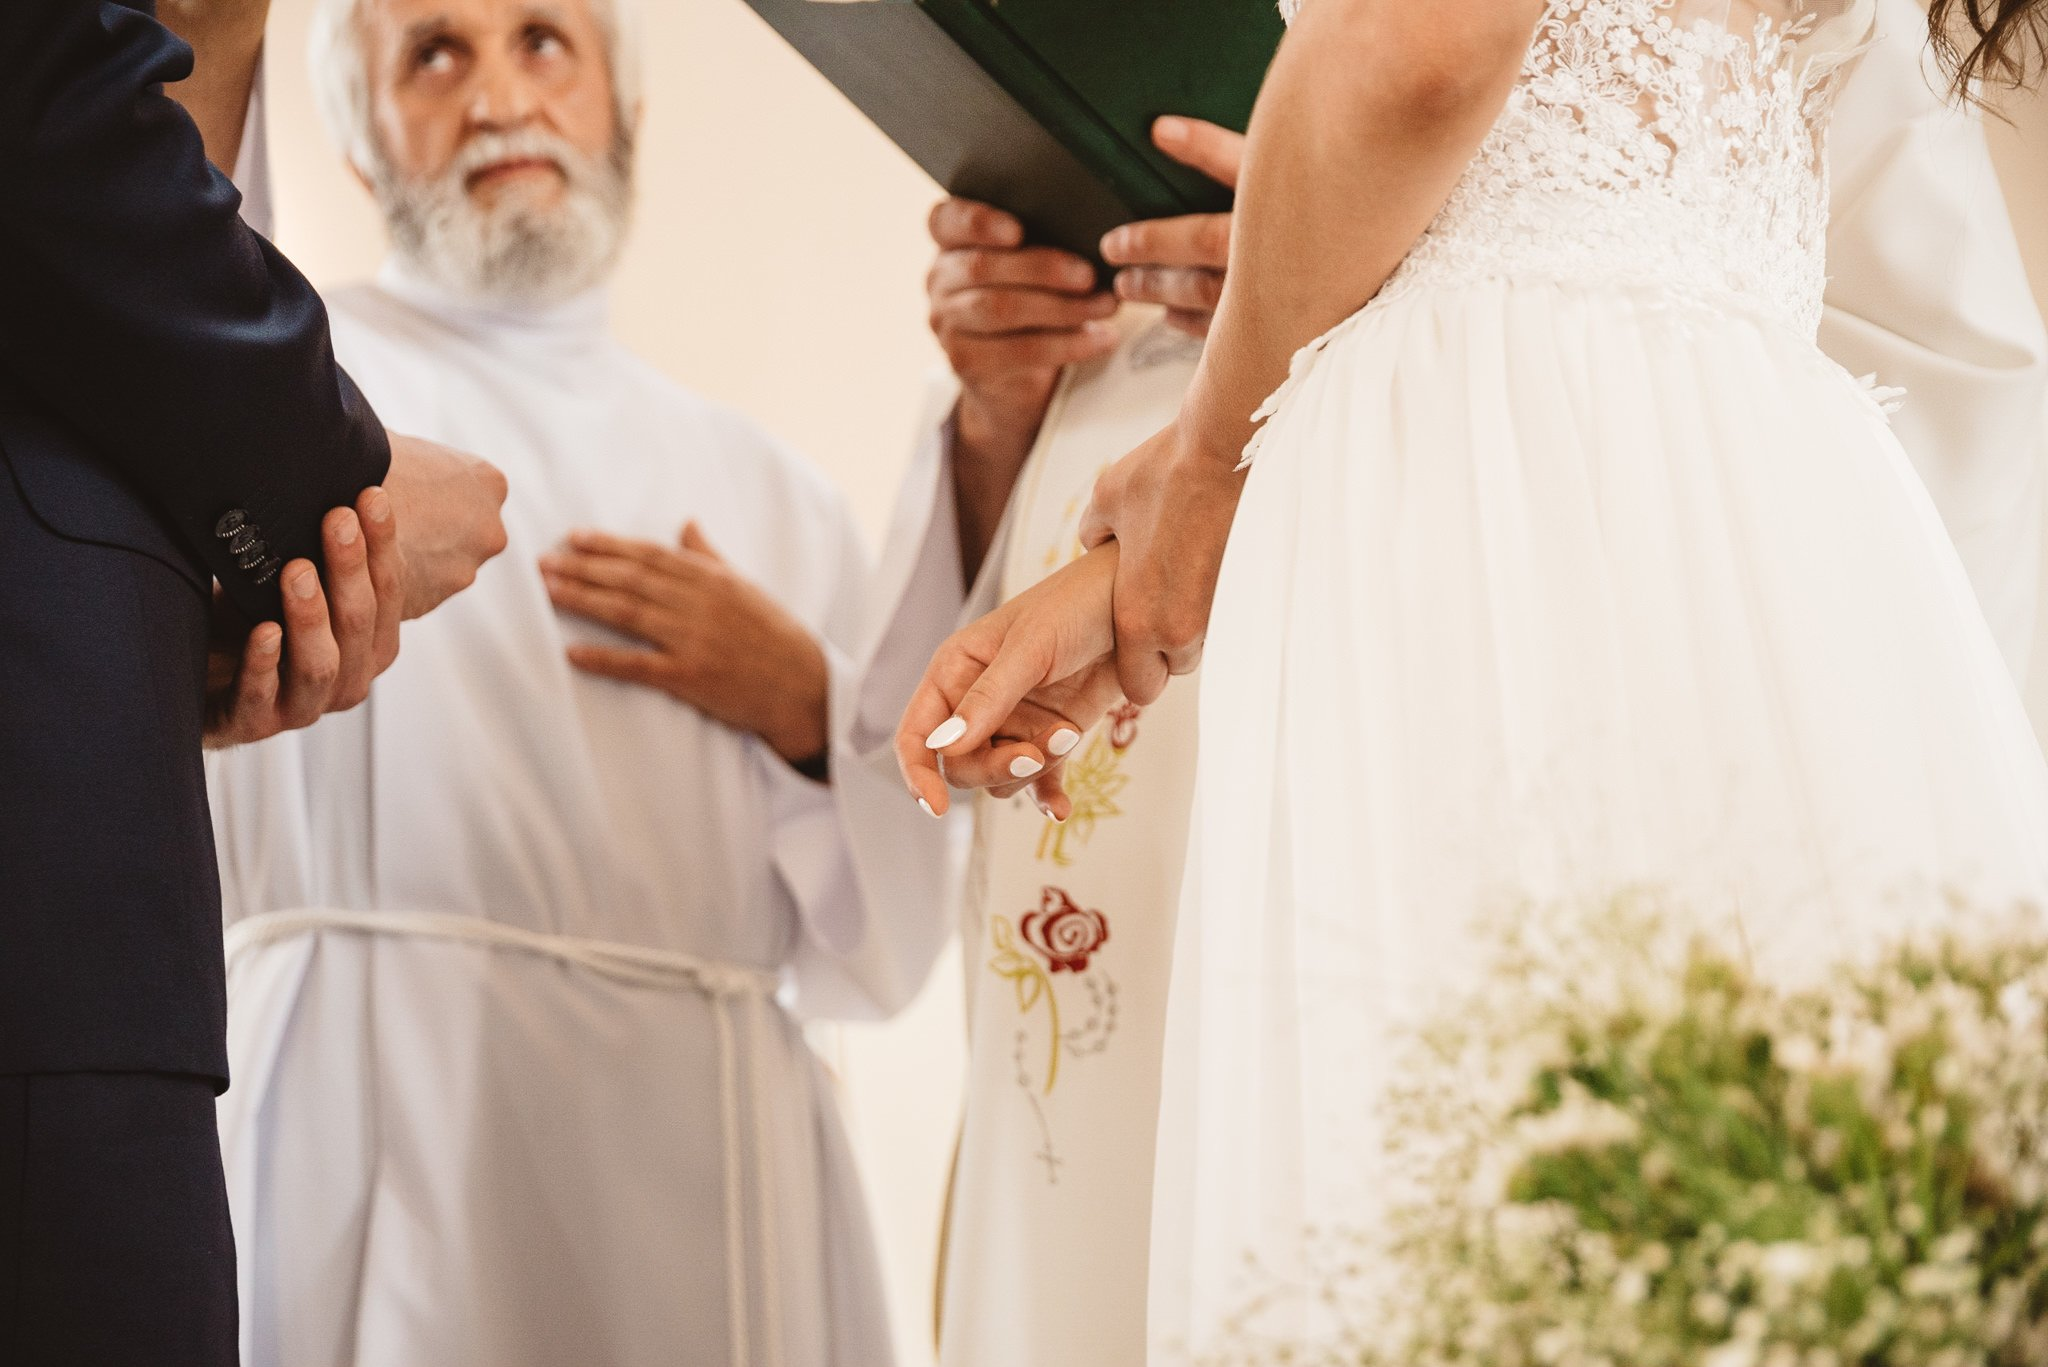 Ala i Arek, czyli jak zorganizować ślub i wesele w 4 tygodnie! 103